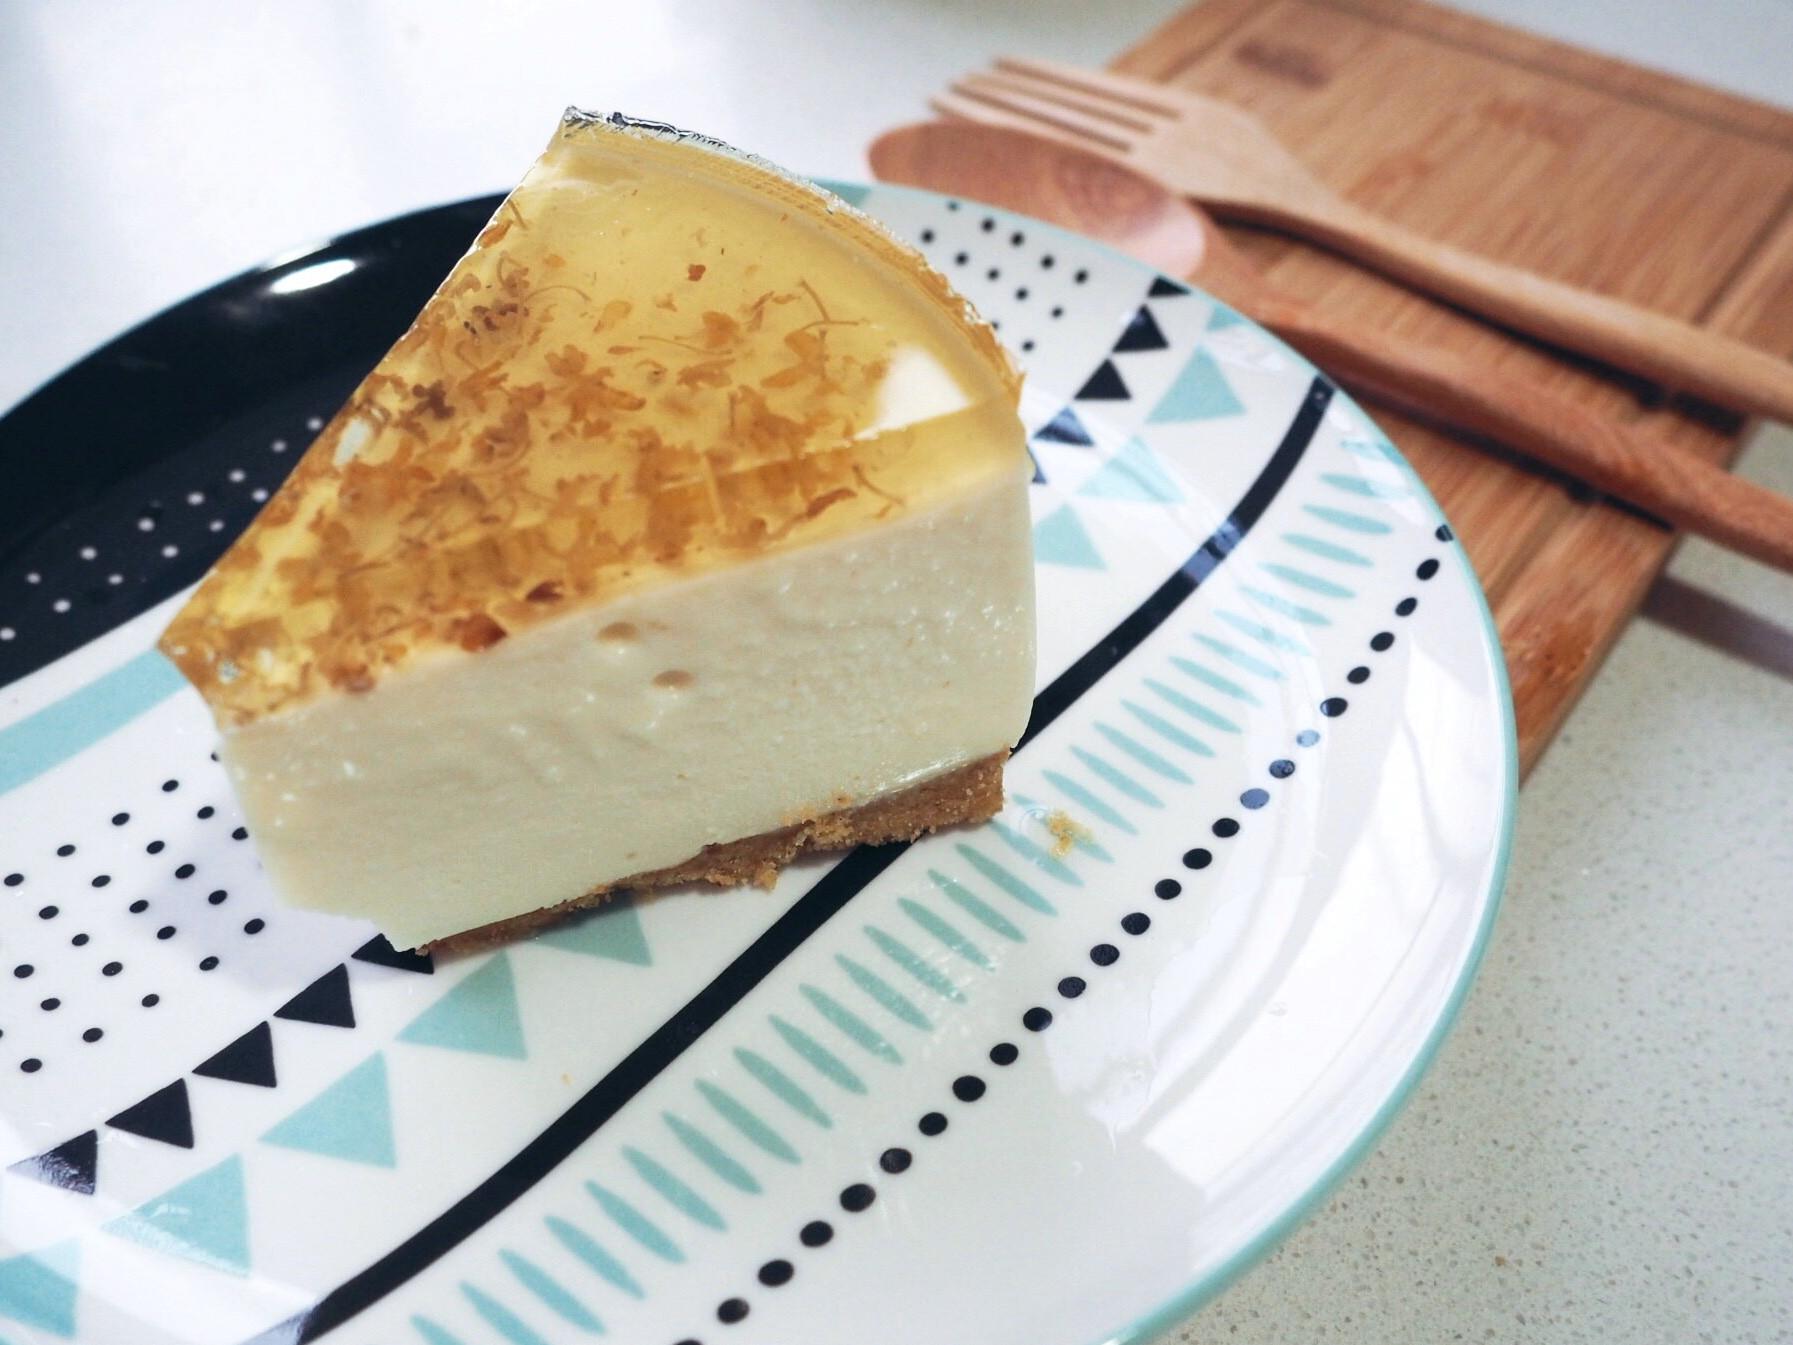 桂花豆腐芝士蛋糕